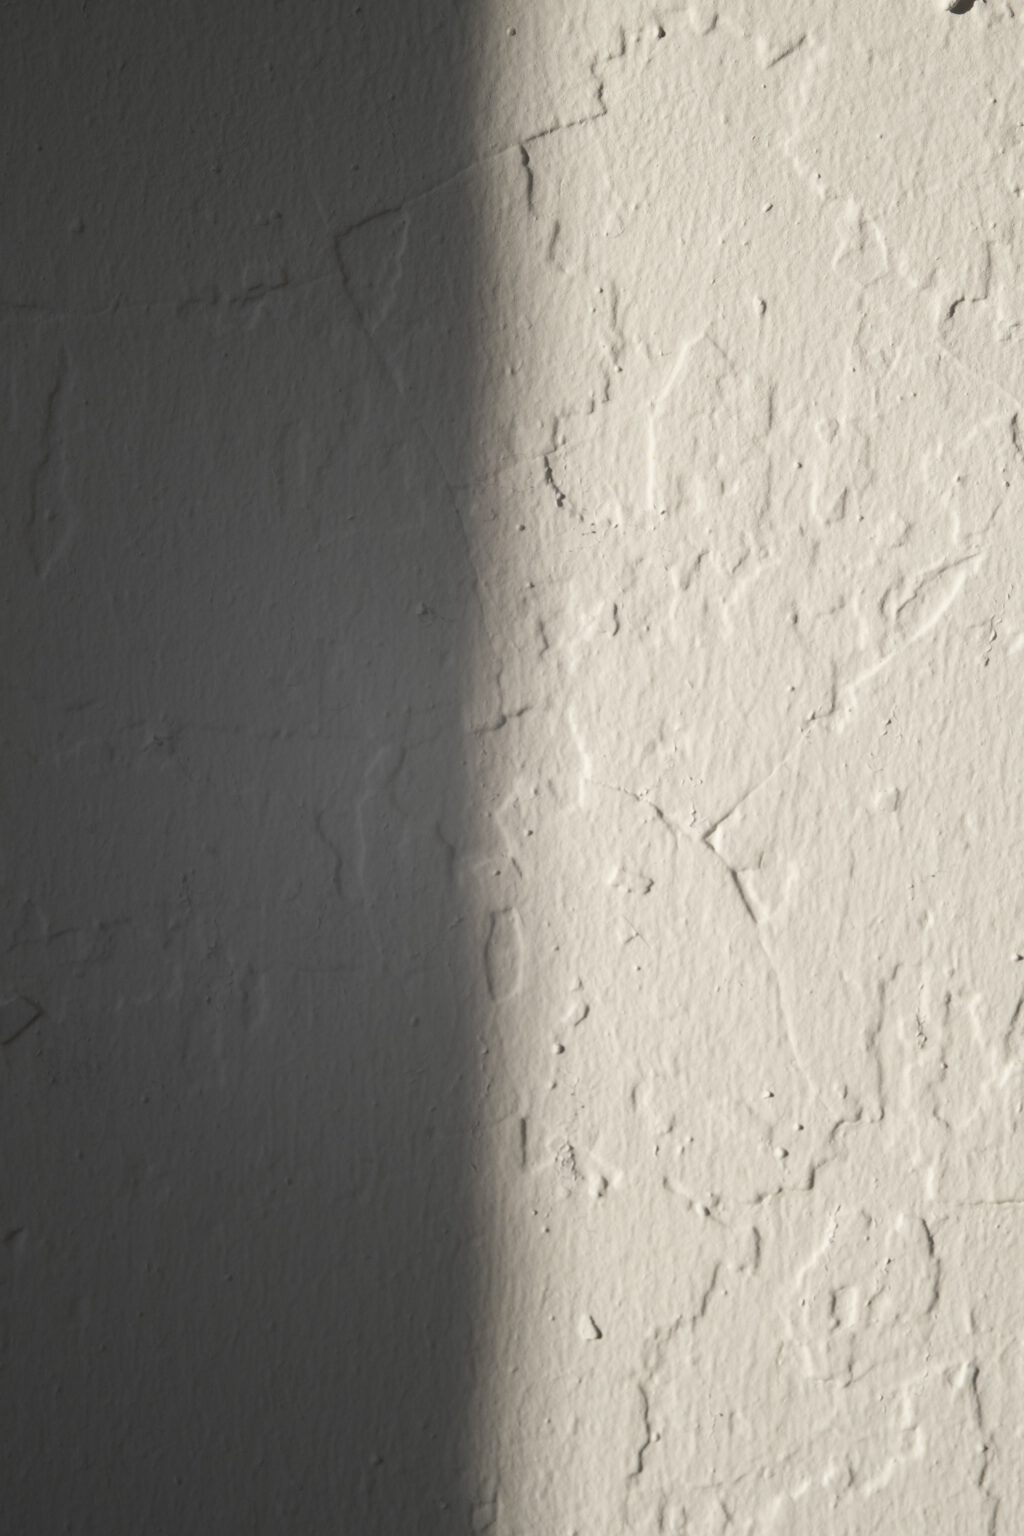 pexels-jill-burrow-5987195